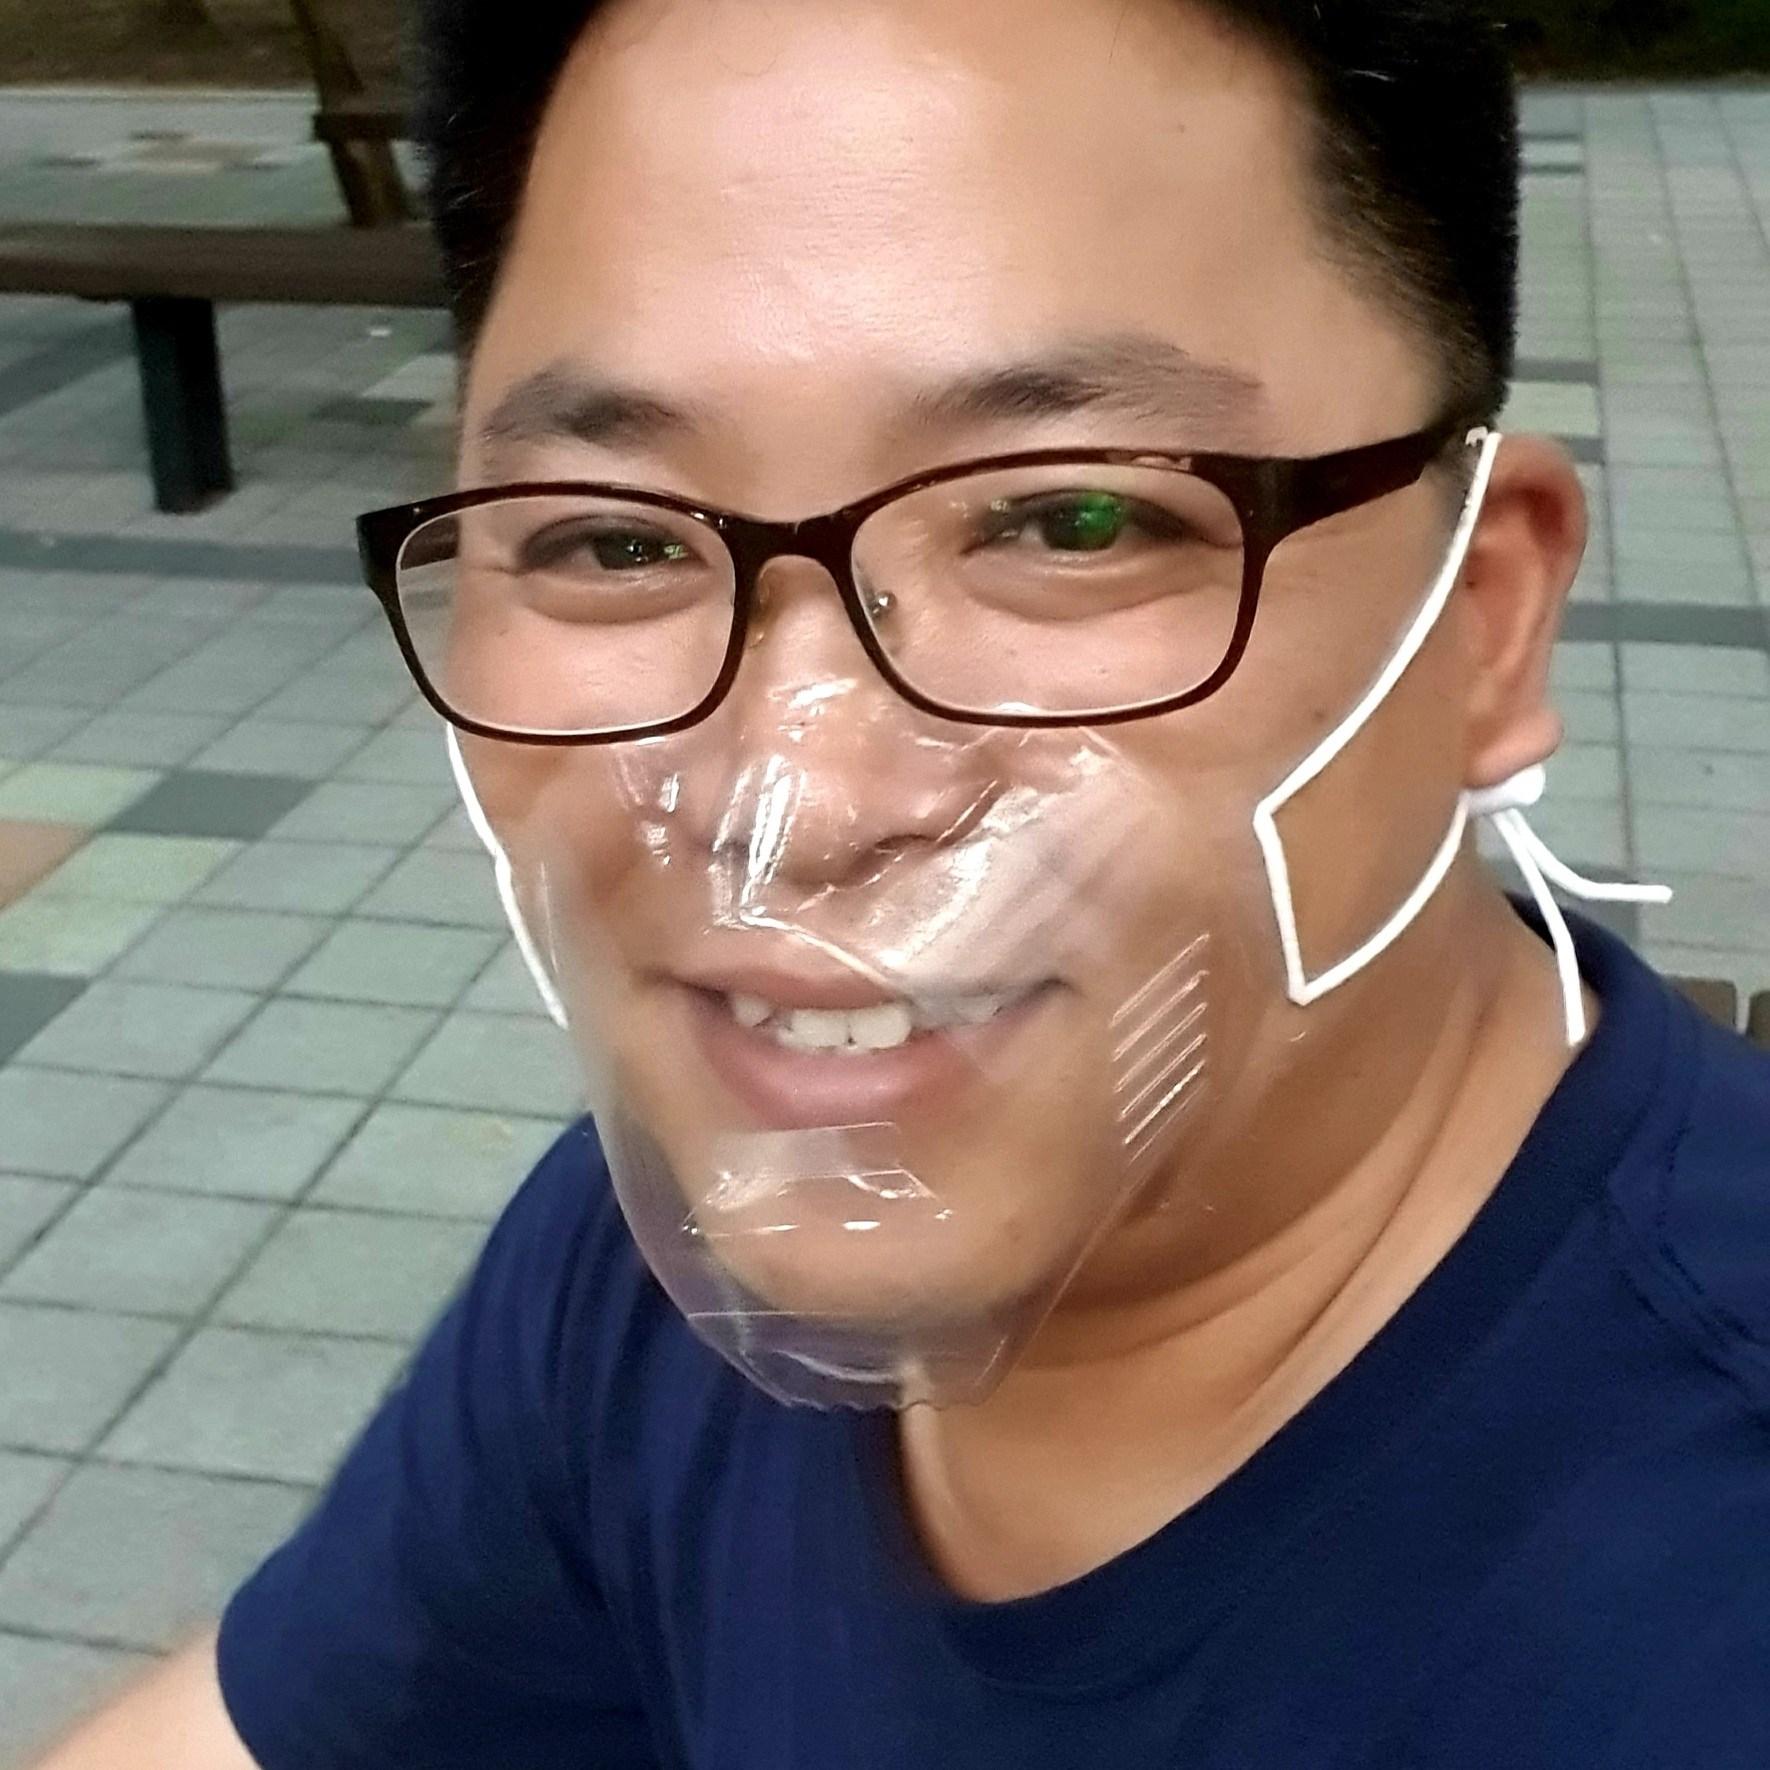 립뷰 무독성 청각 장애인 안면 투명 위생 고객 김서림방지 누구나 마스크 (NM-002), 성인용 (단일사이즈)